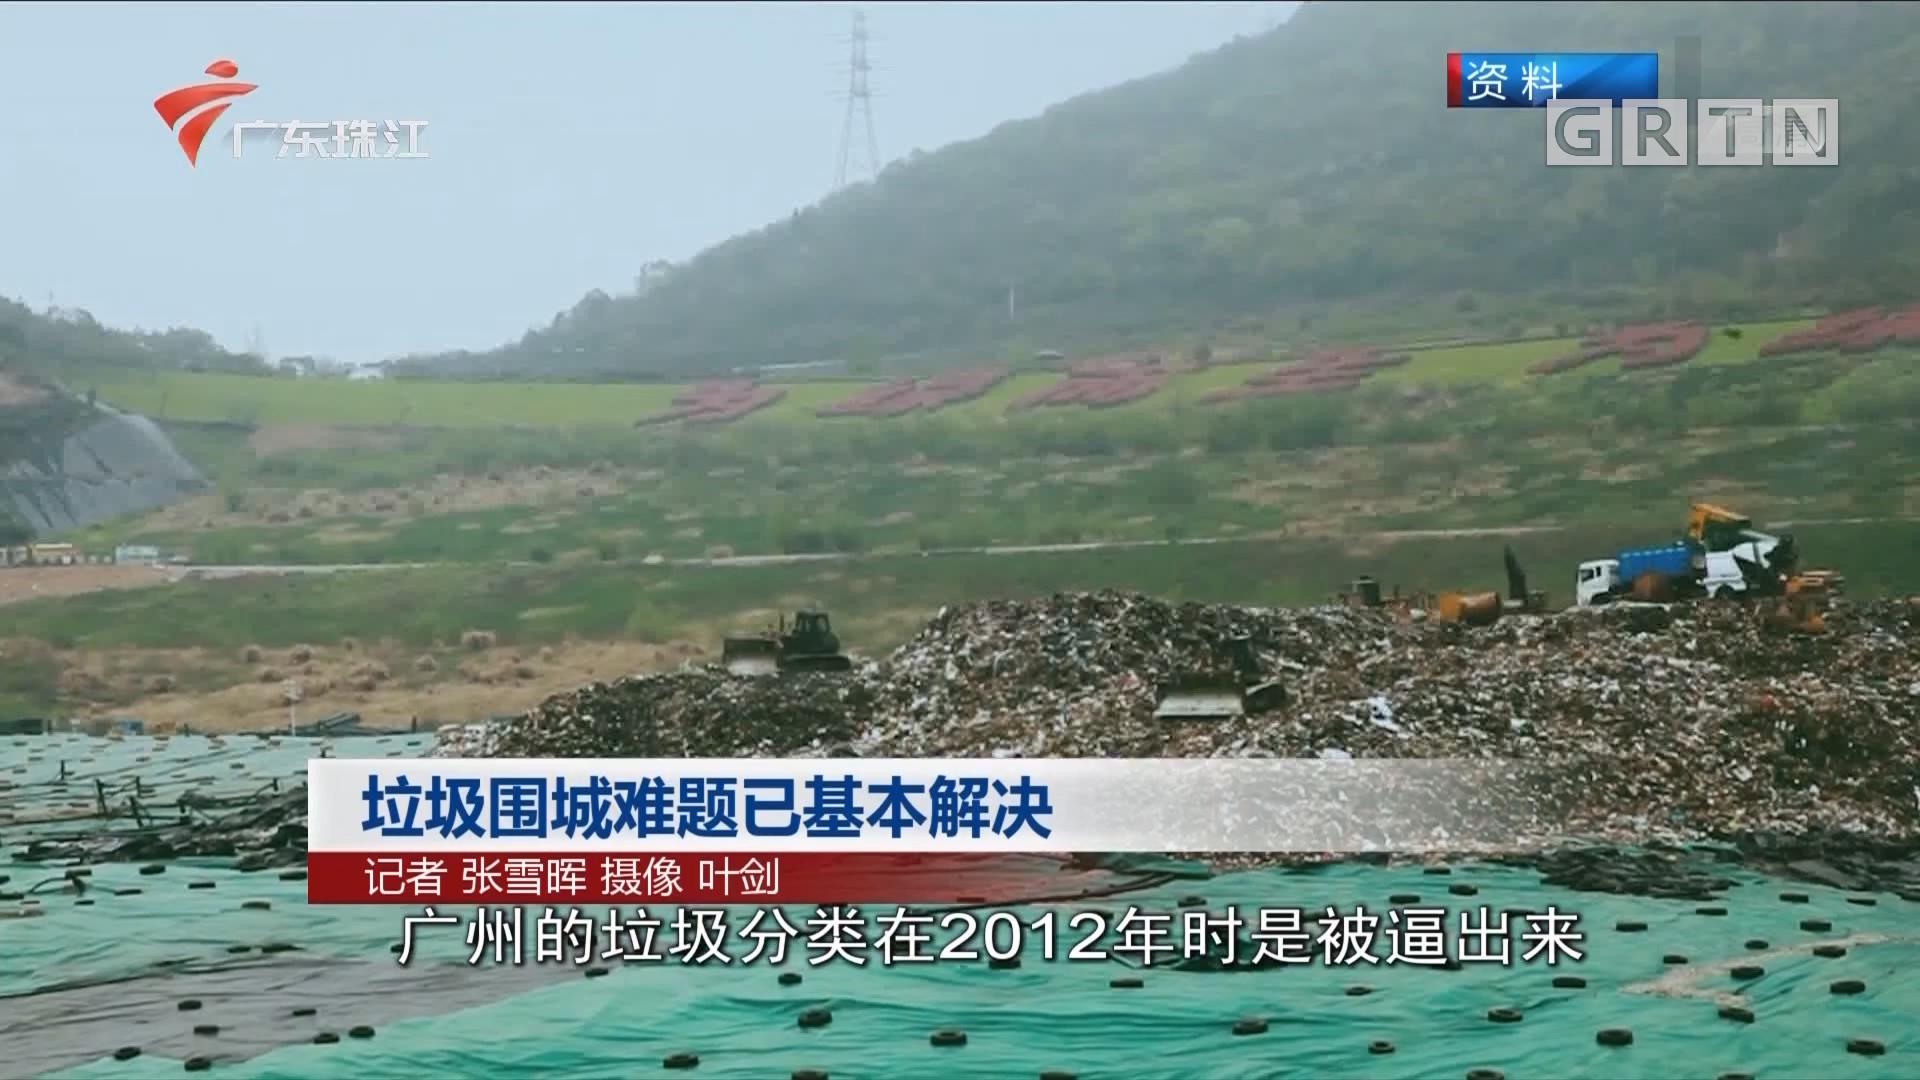 垃圾围城难题已基本解决